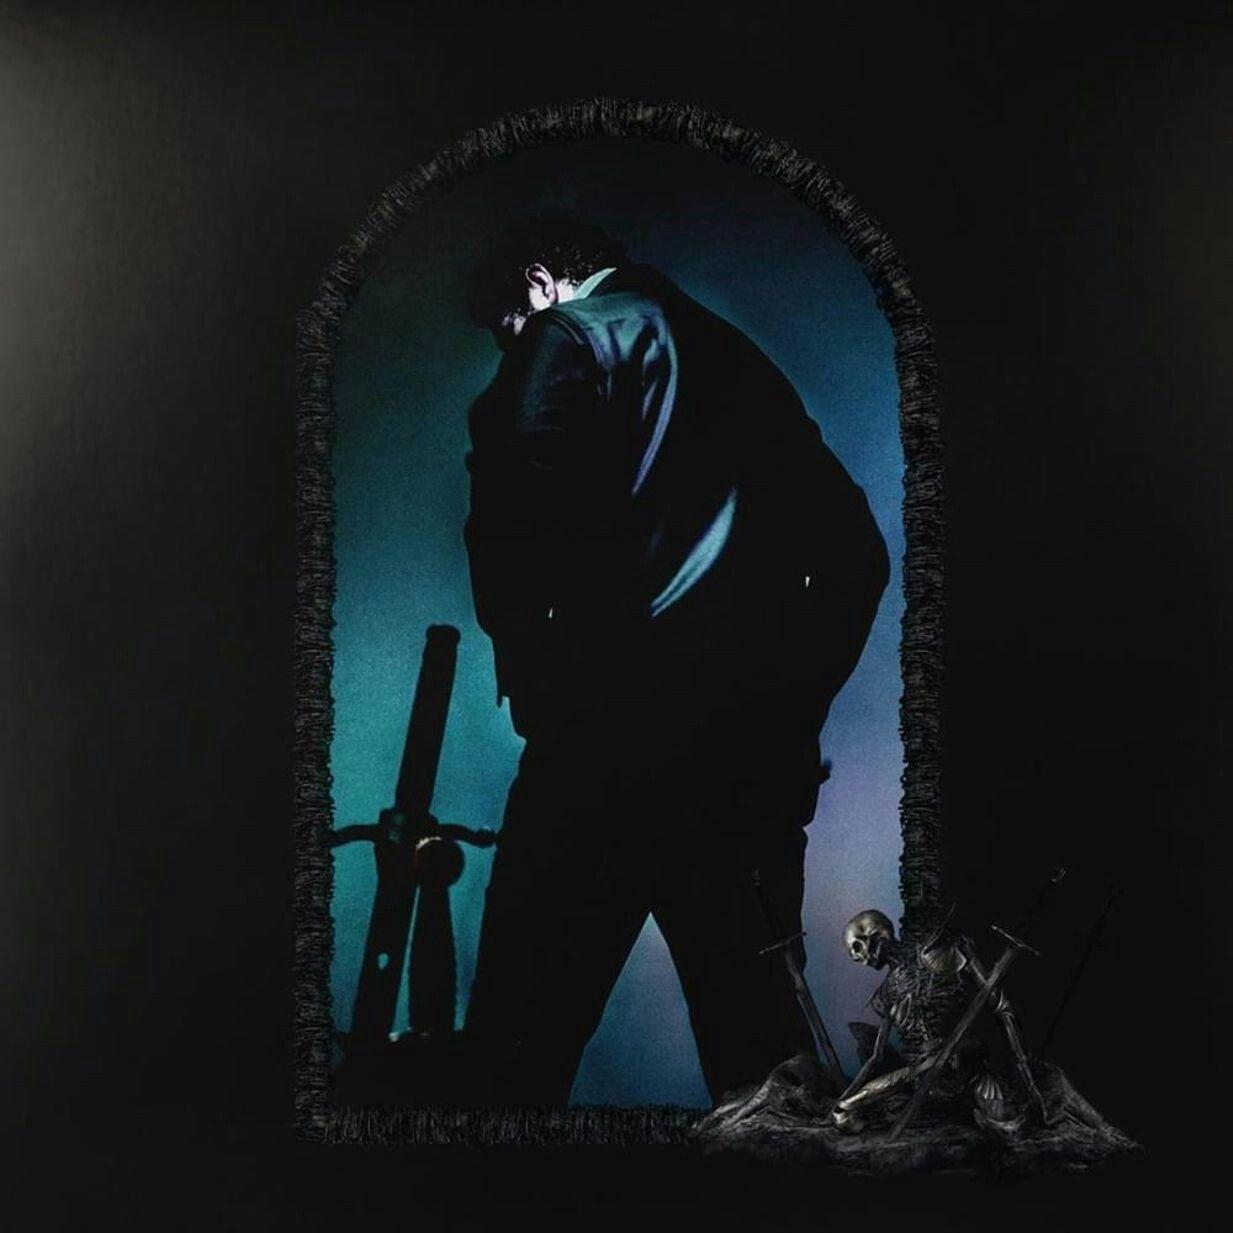 A imagem é a foto de capa do álbum Hollywood's Bleeding, do cantor Post Malone. Na imagem, há uma janela do que parece ser um castelo, com um esqueleto apoiado. Entre a janela, está Post virado de costas, com o corpo em direção à esquerda e cabeça abaixada. Ele veste uma jaqueta de couro preta e uma calça preta. Ao seu lado esquerdo, está uma espada.